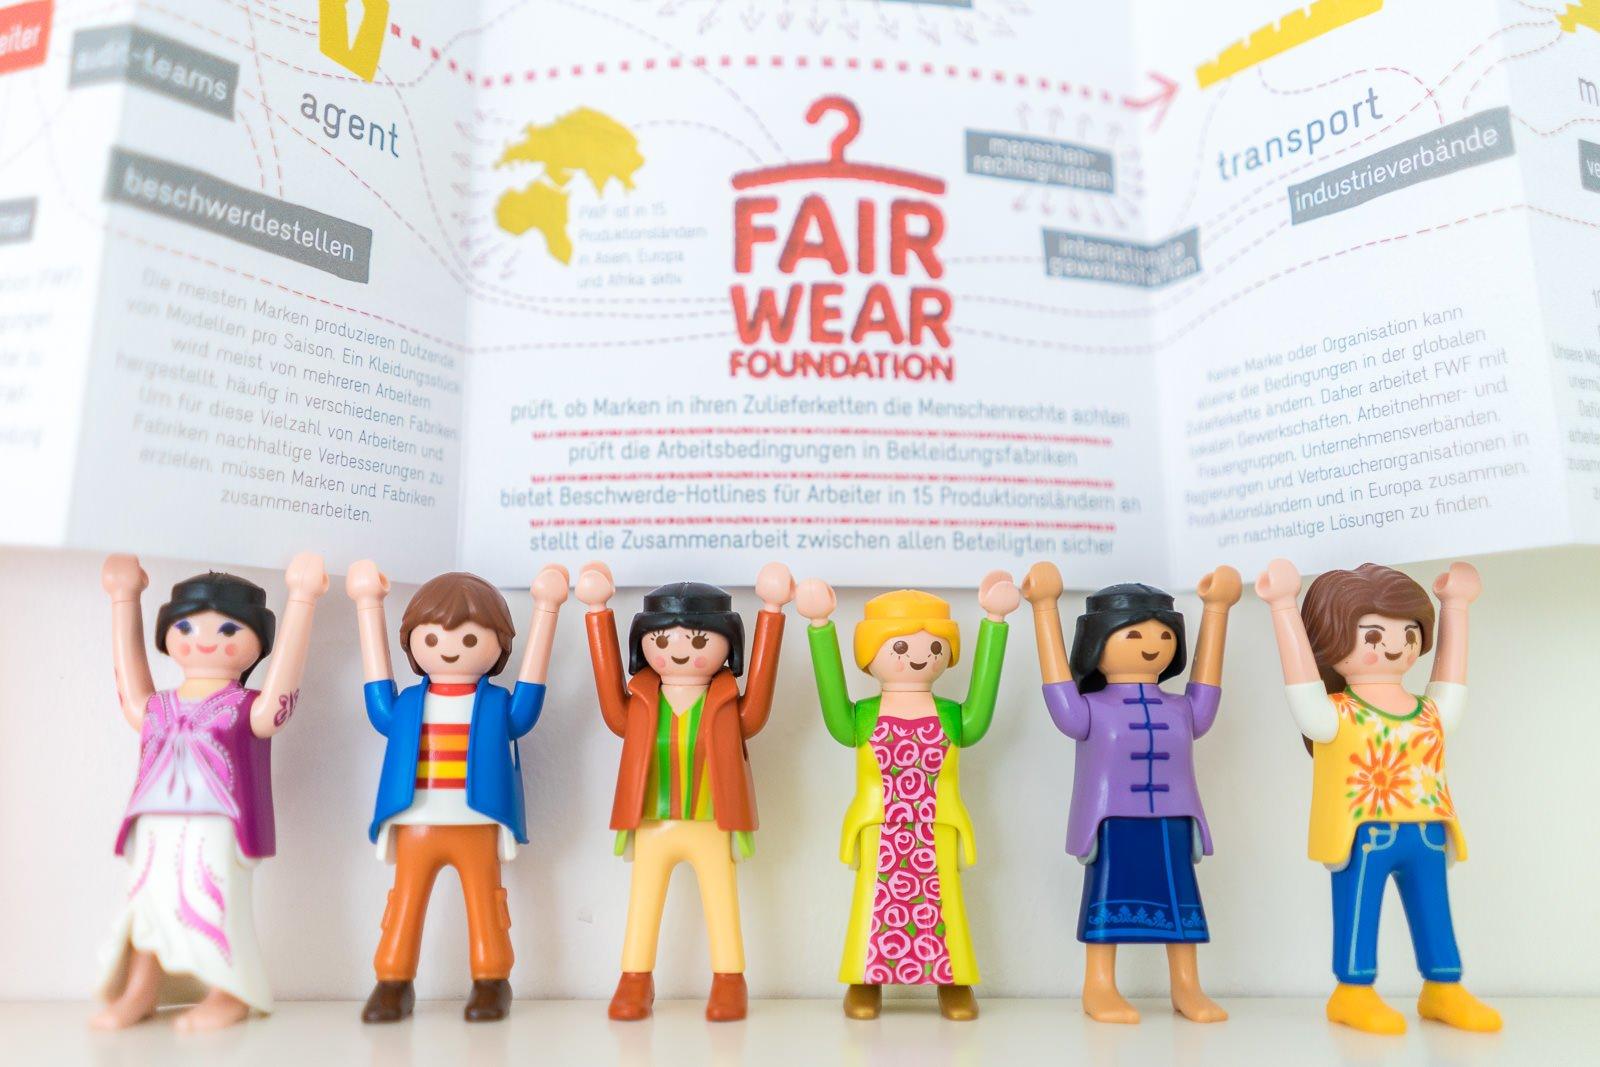 fair wear foundation gemeinsam was erreichen